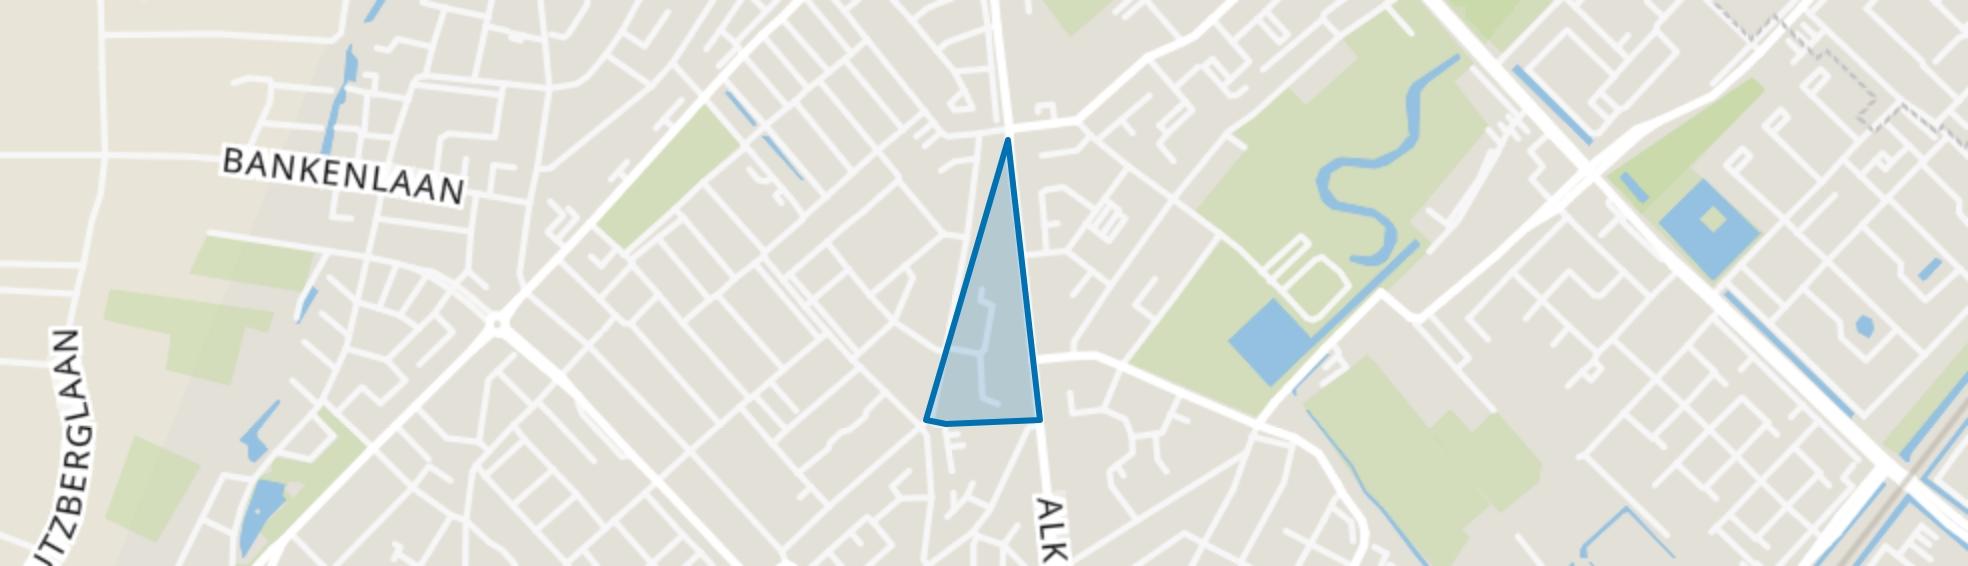 De Naald, Beverwijk map